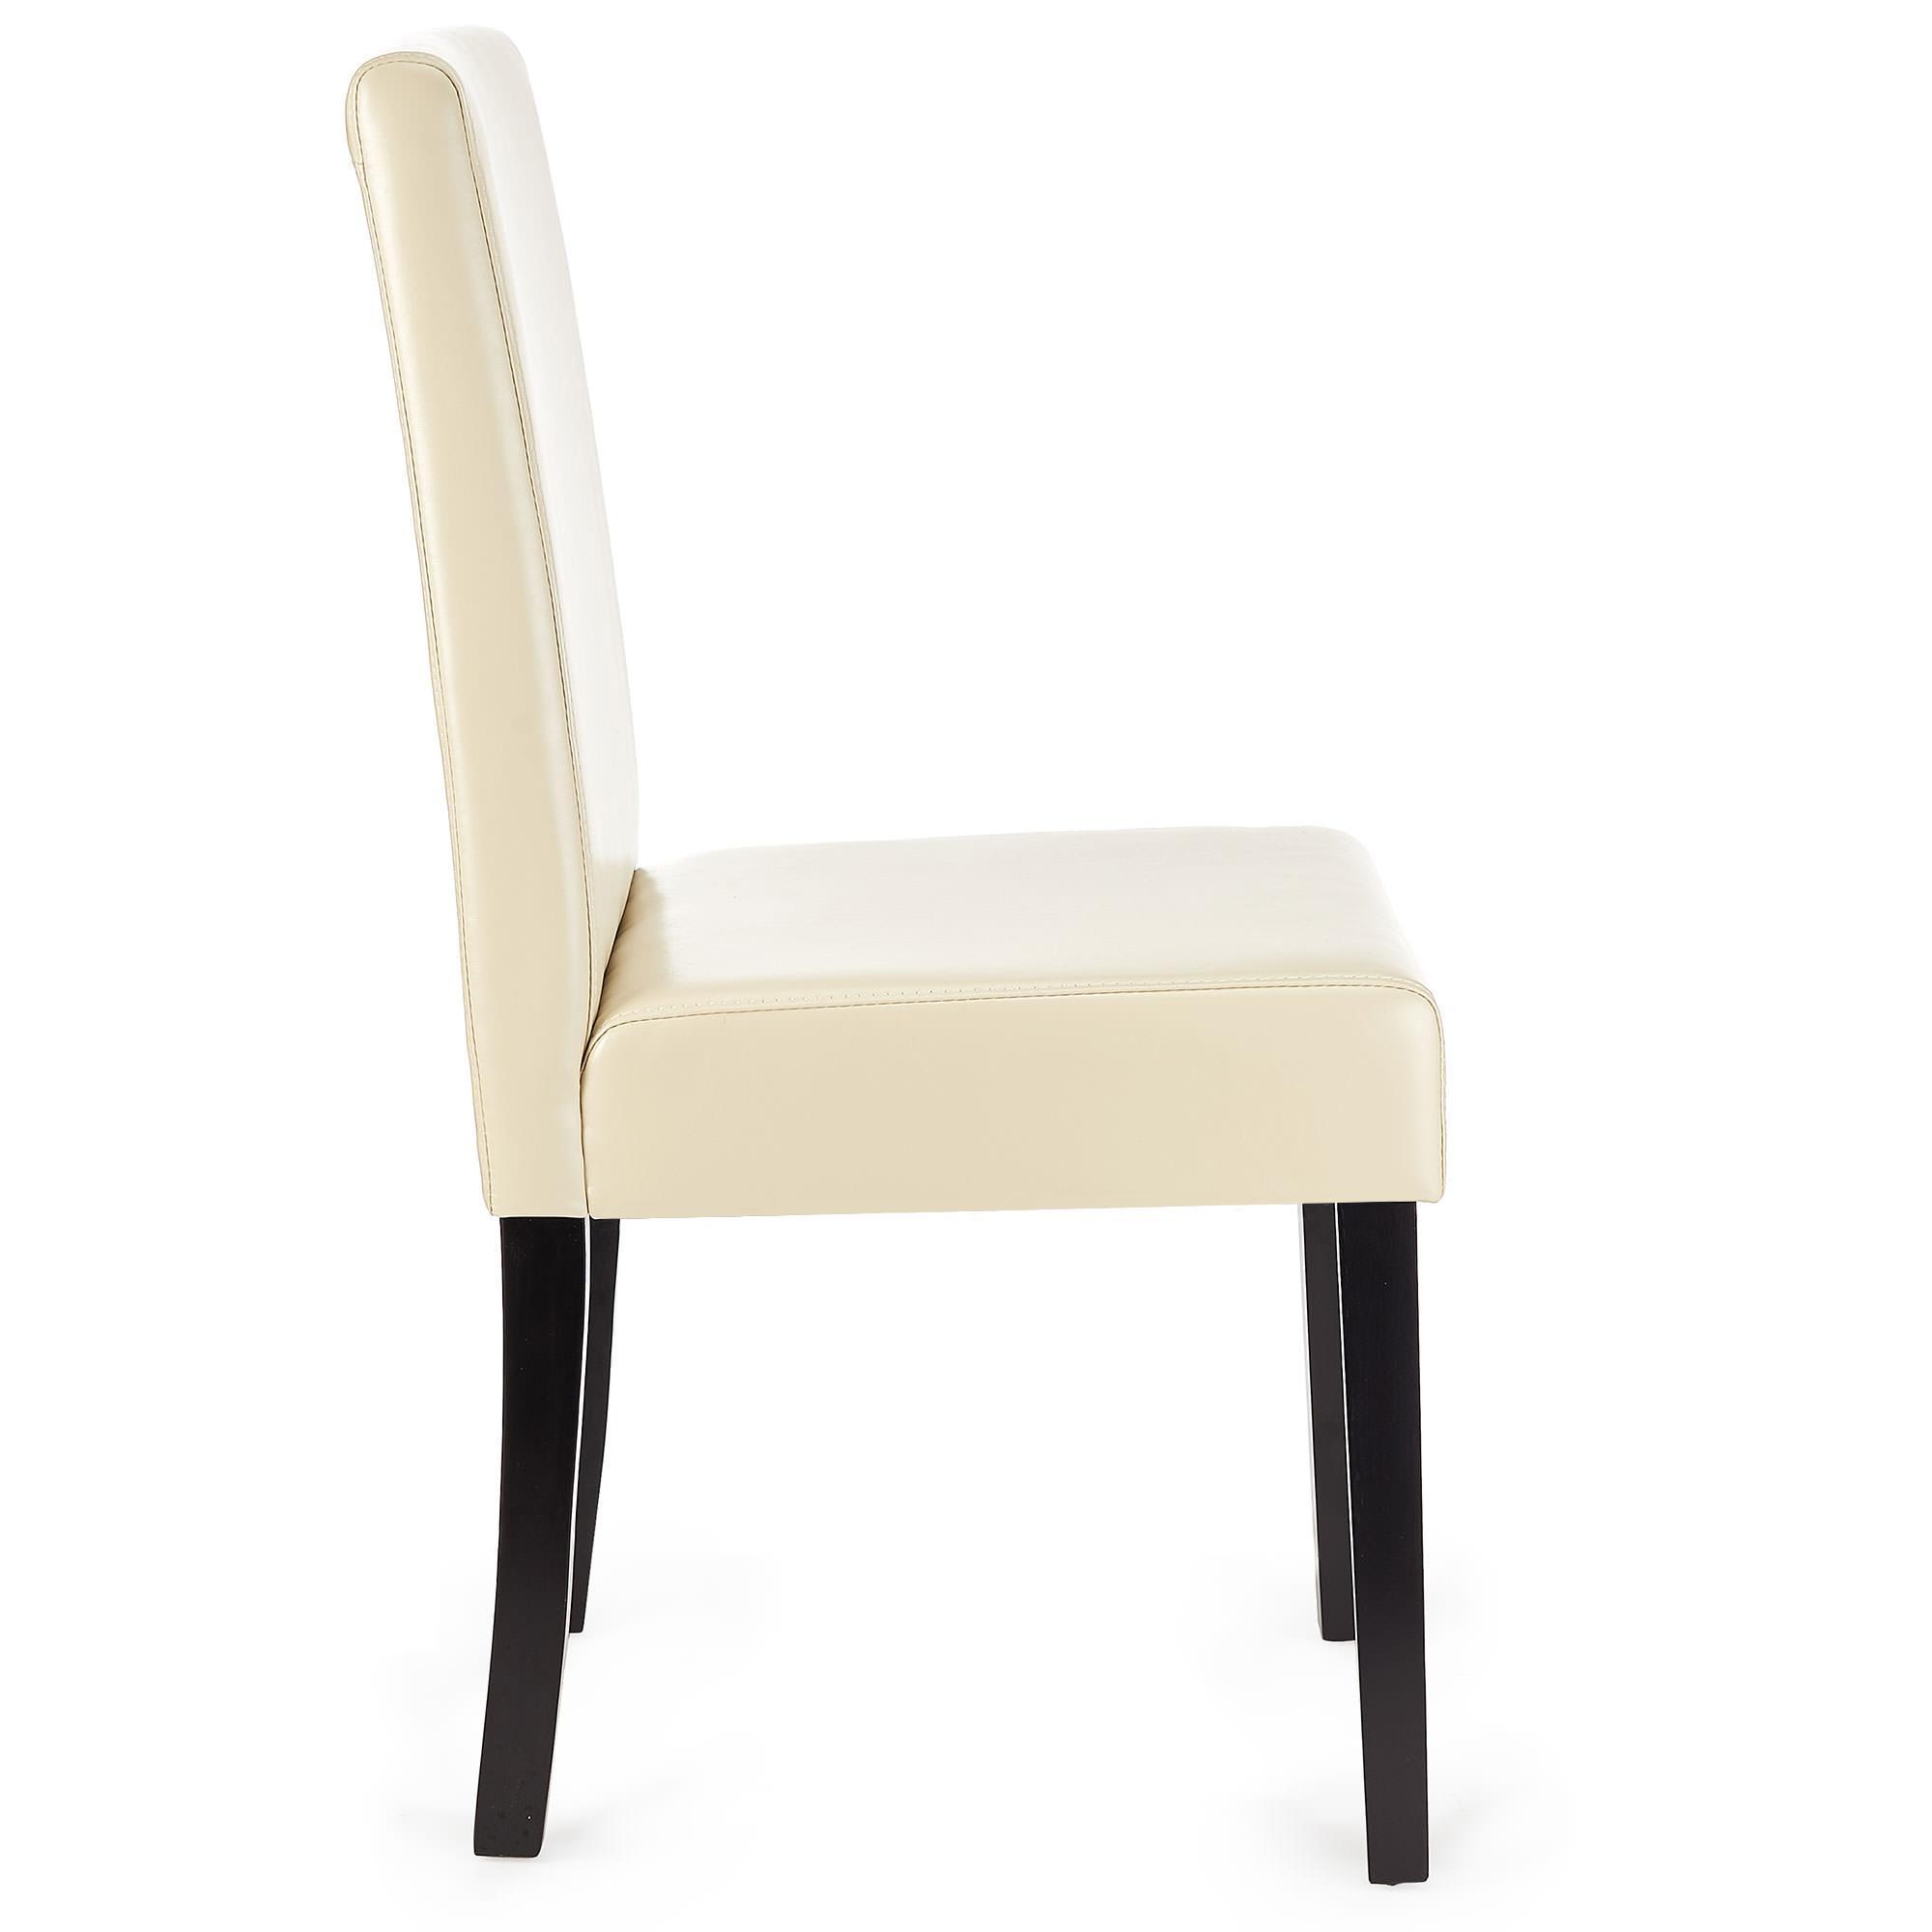 Lote 6 sillas m01 madera y polipiel crema patas oscuras for Sillas comedor color beige